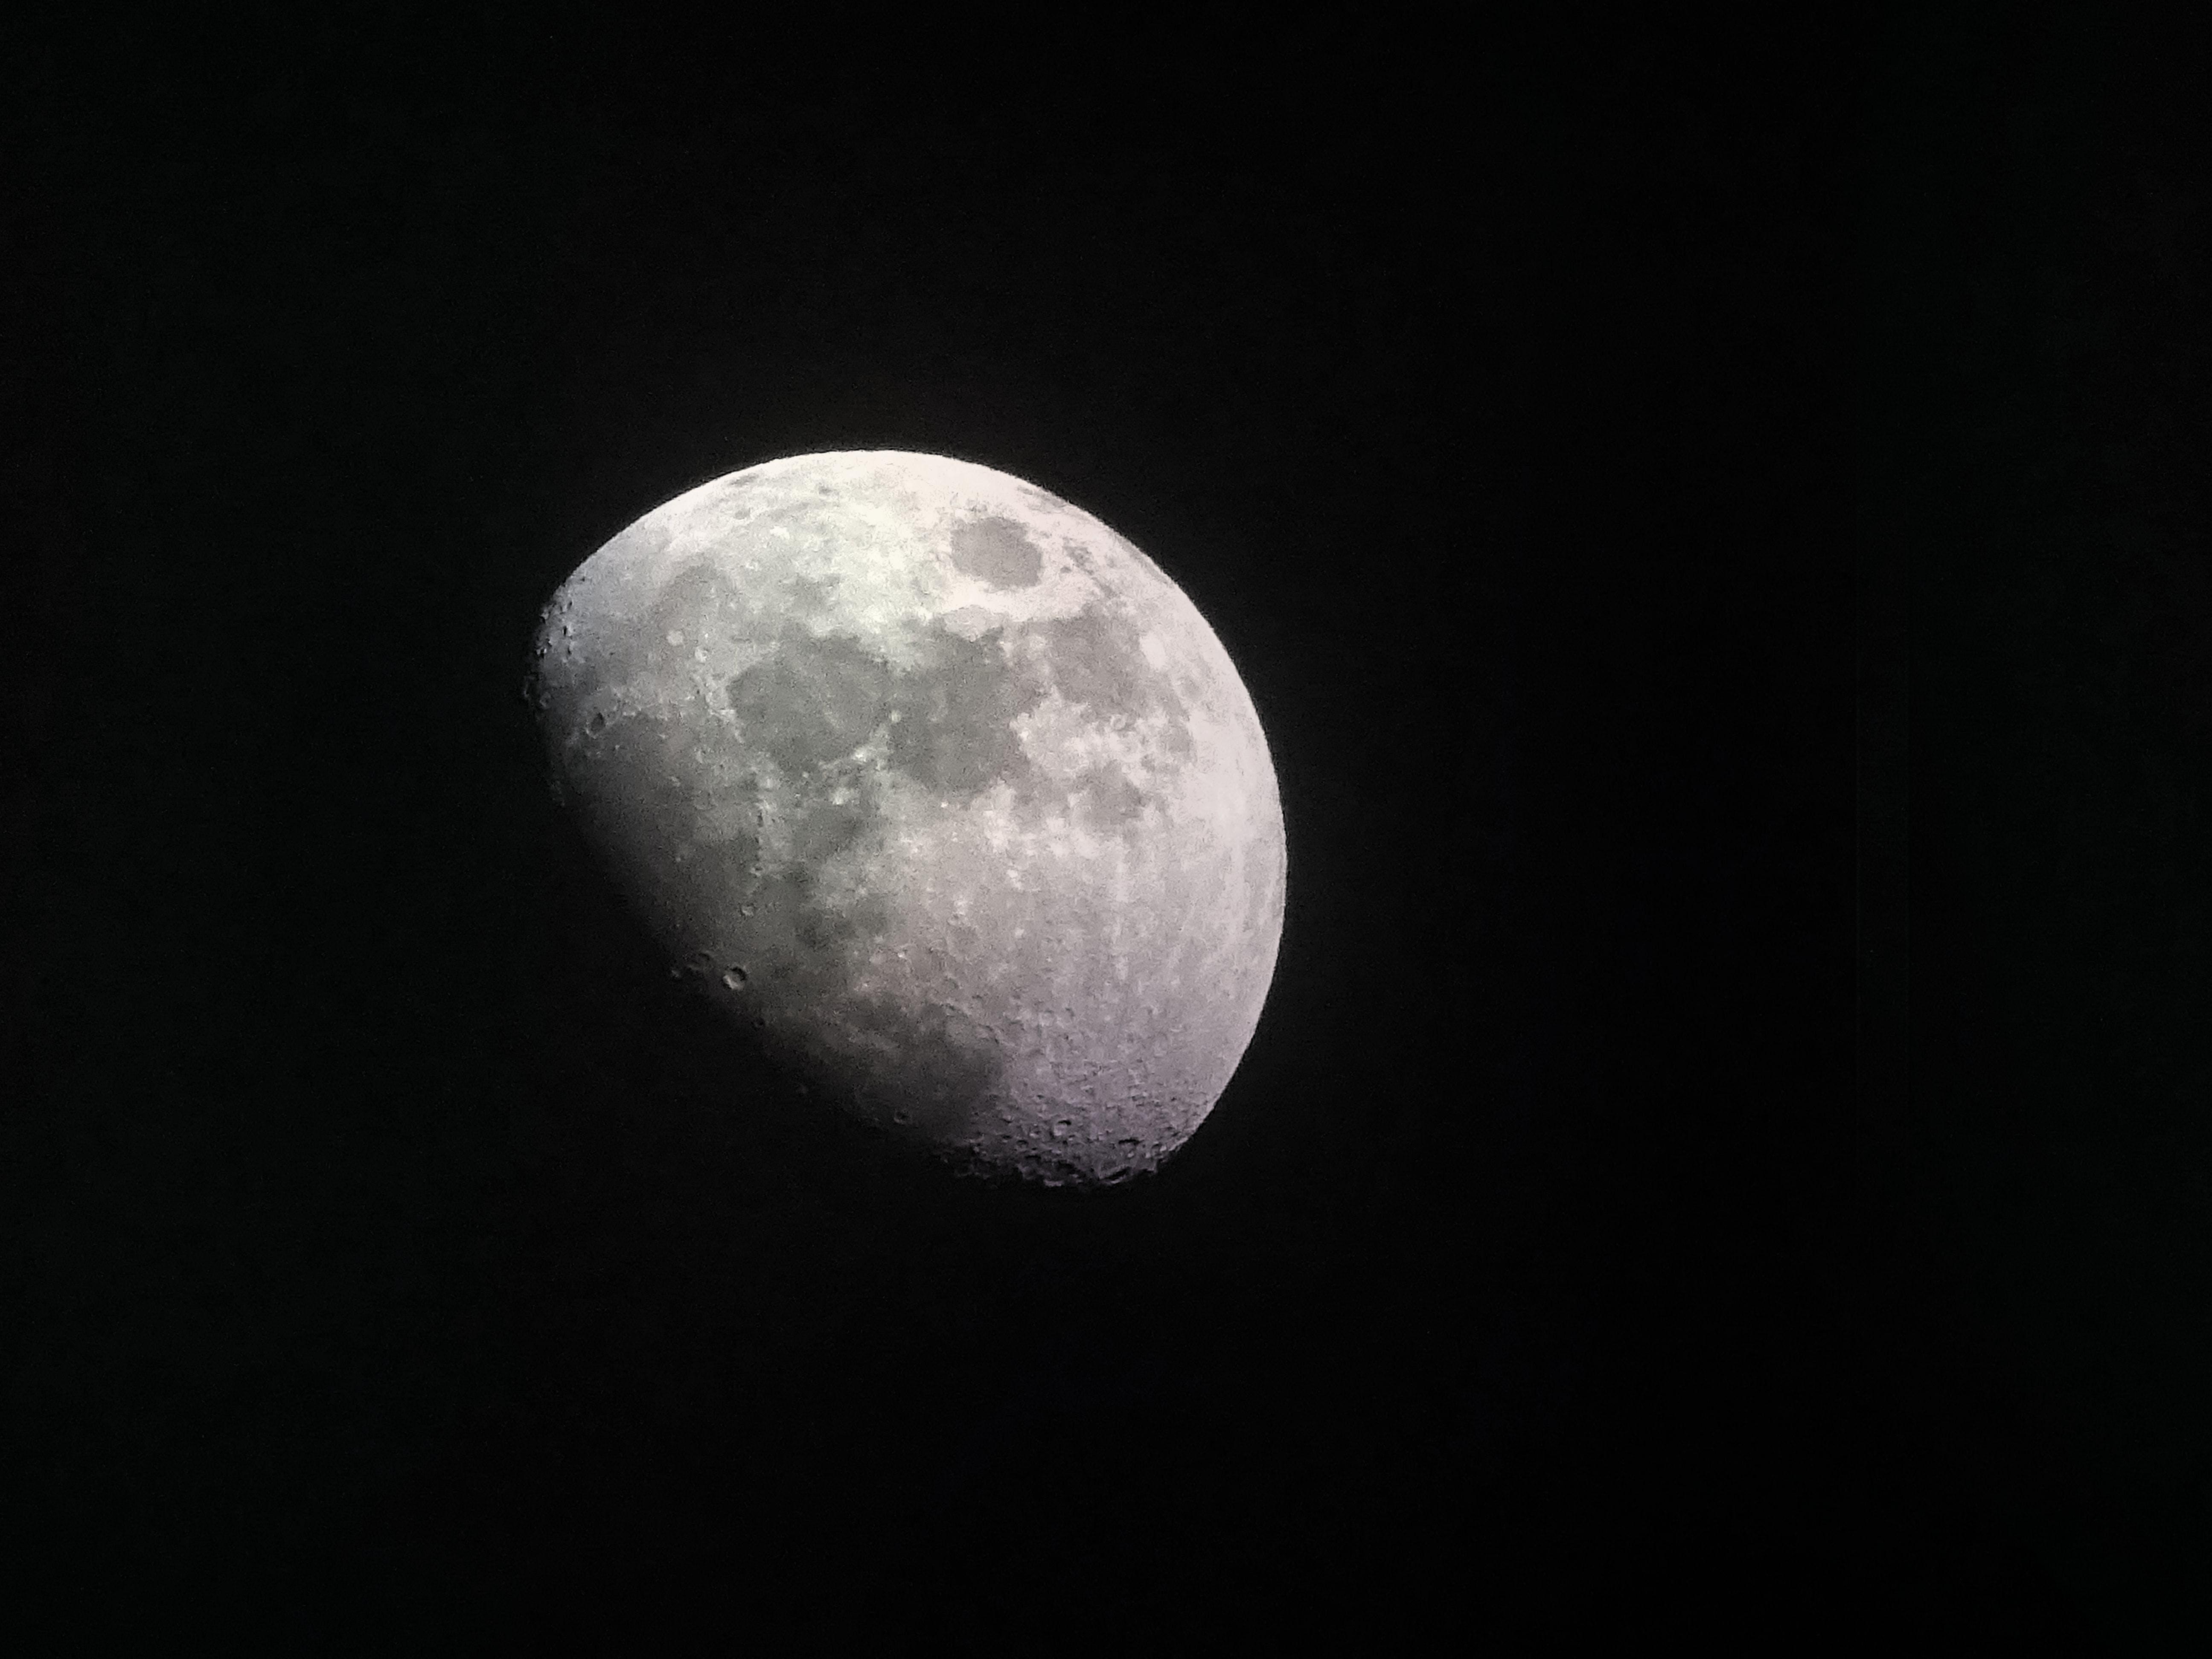 Безкоштовне стокове фото на тему «Астрологія, астрономія, Кратер, місяць»